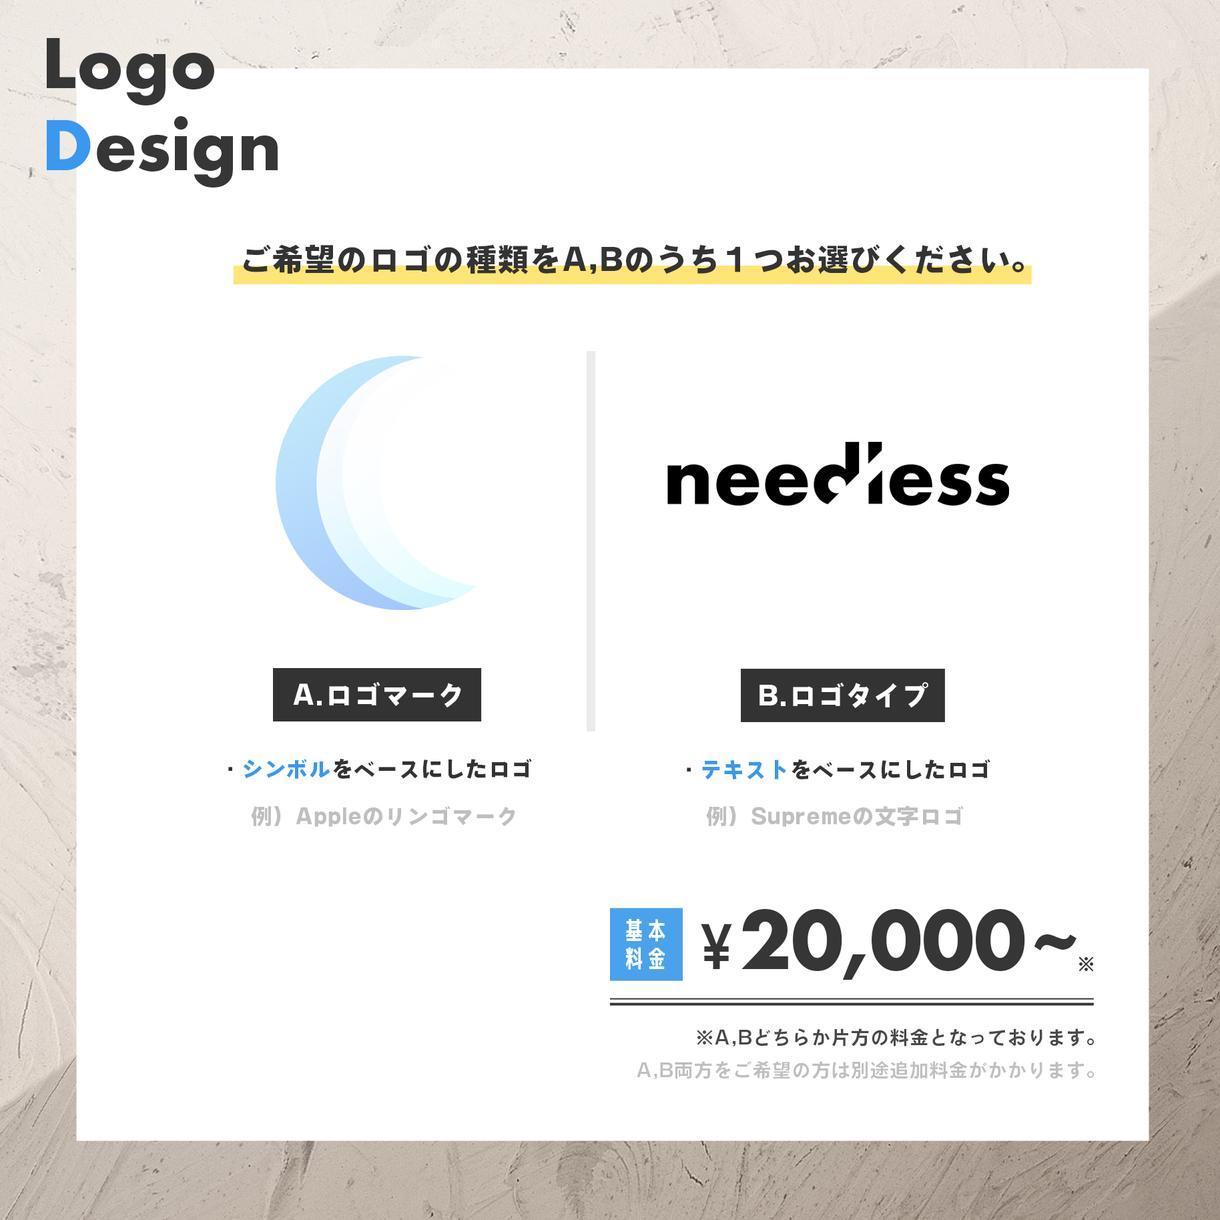 ポップからクールなロゴまで幅広くデザインいたします 最新のトレンドを取り入れたロゴデザインも可能です!